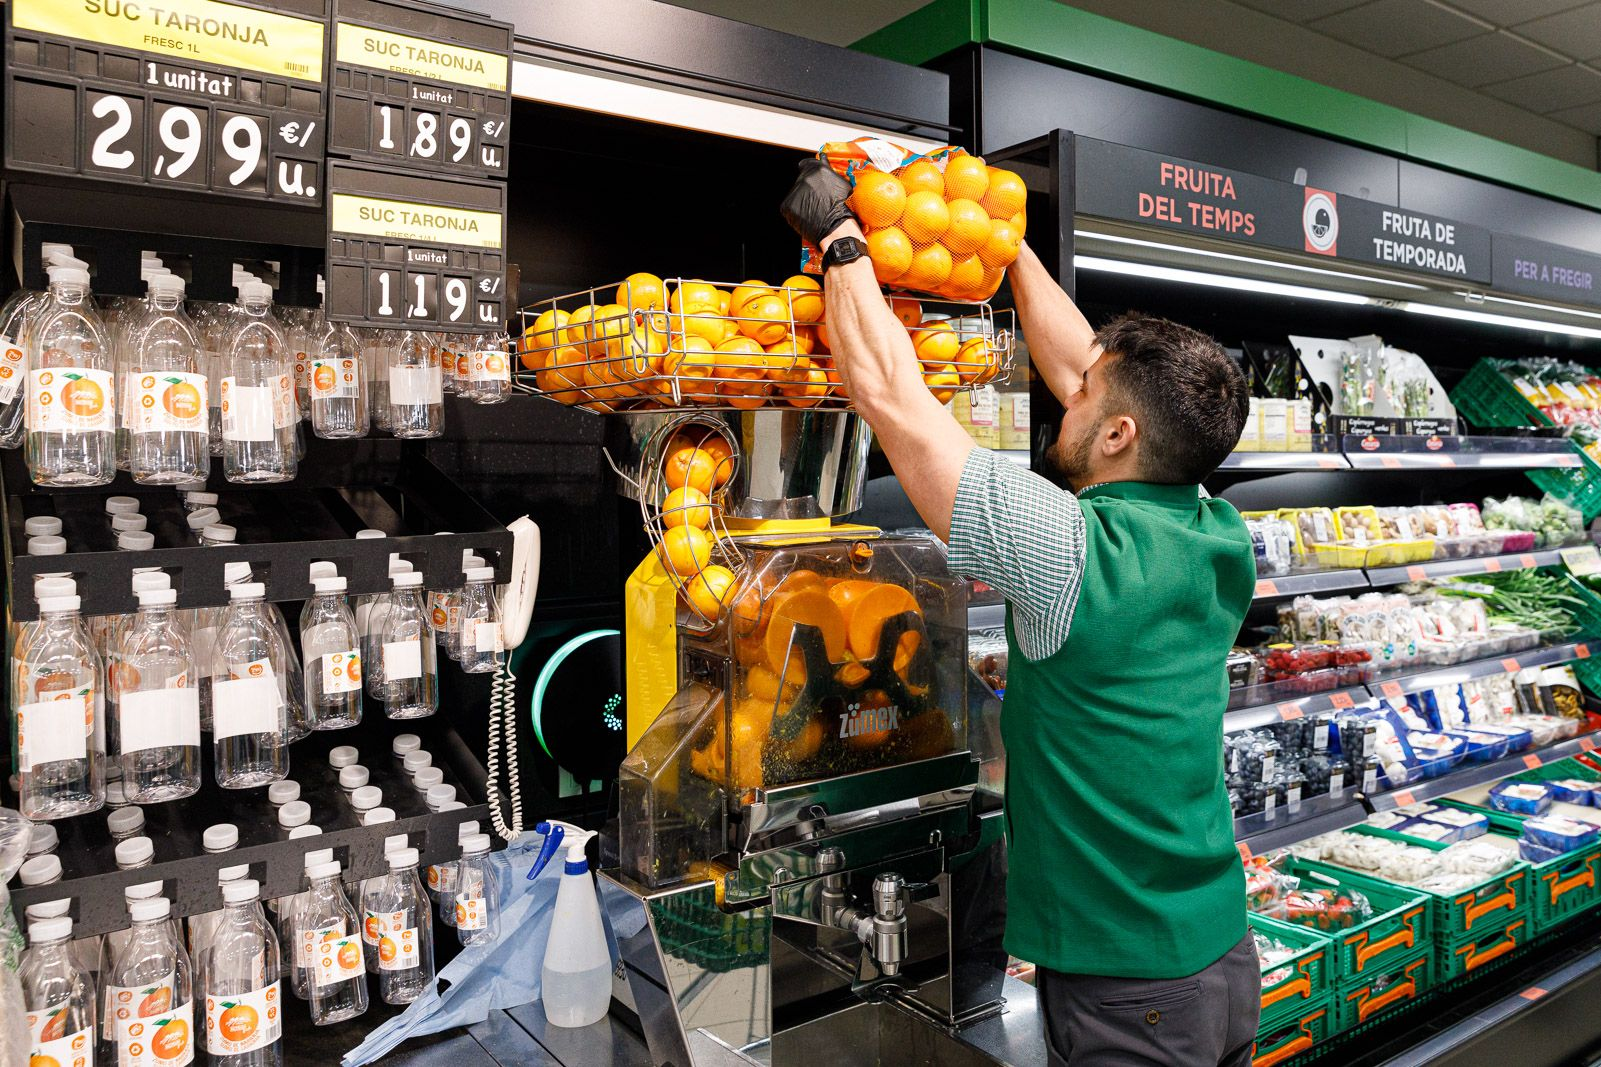 La ma?quina de suc de taronja dona una segona vida a taronges massa petites per a la venda